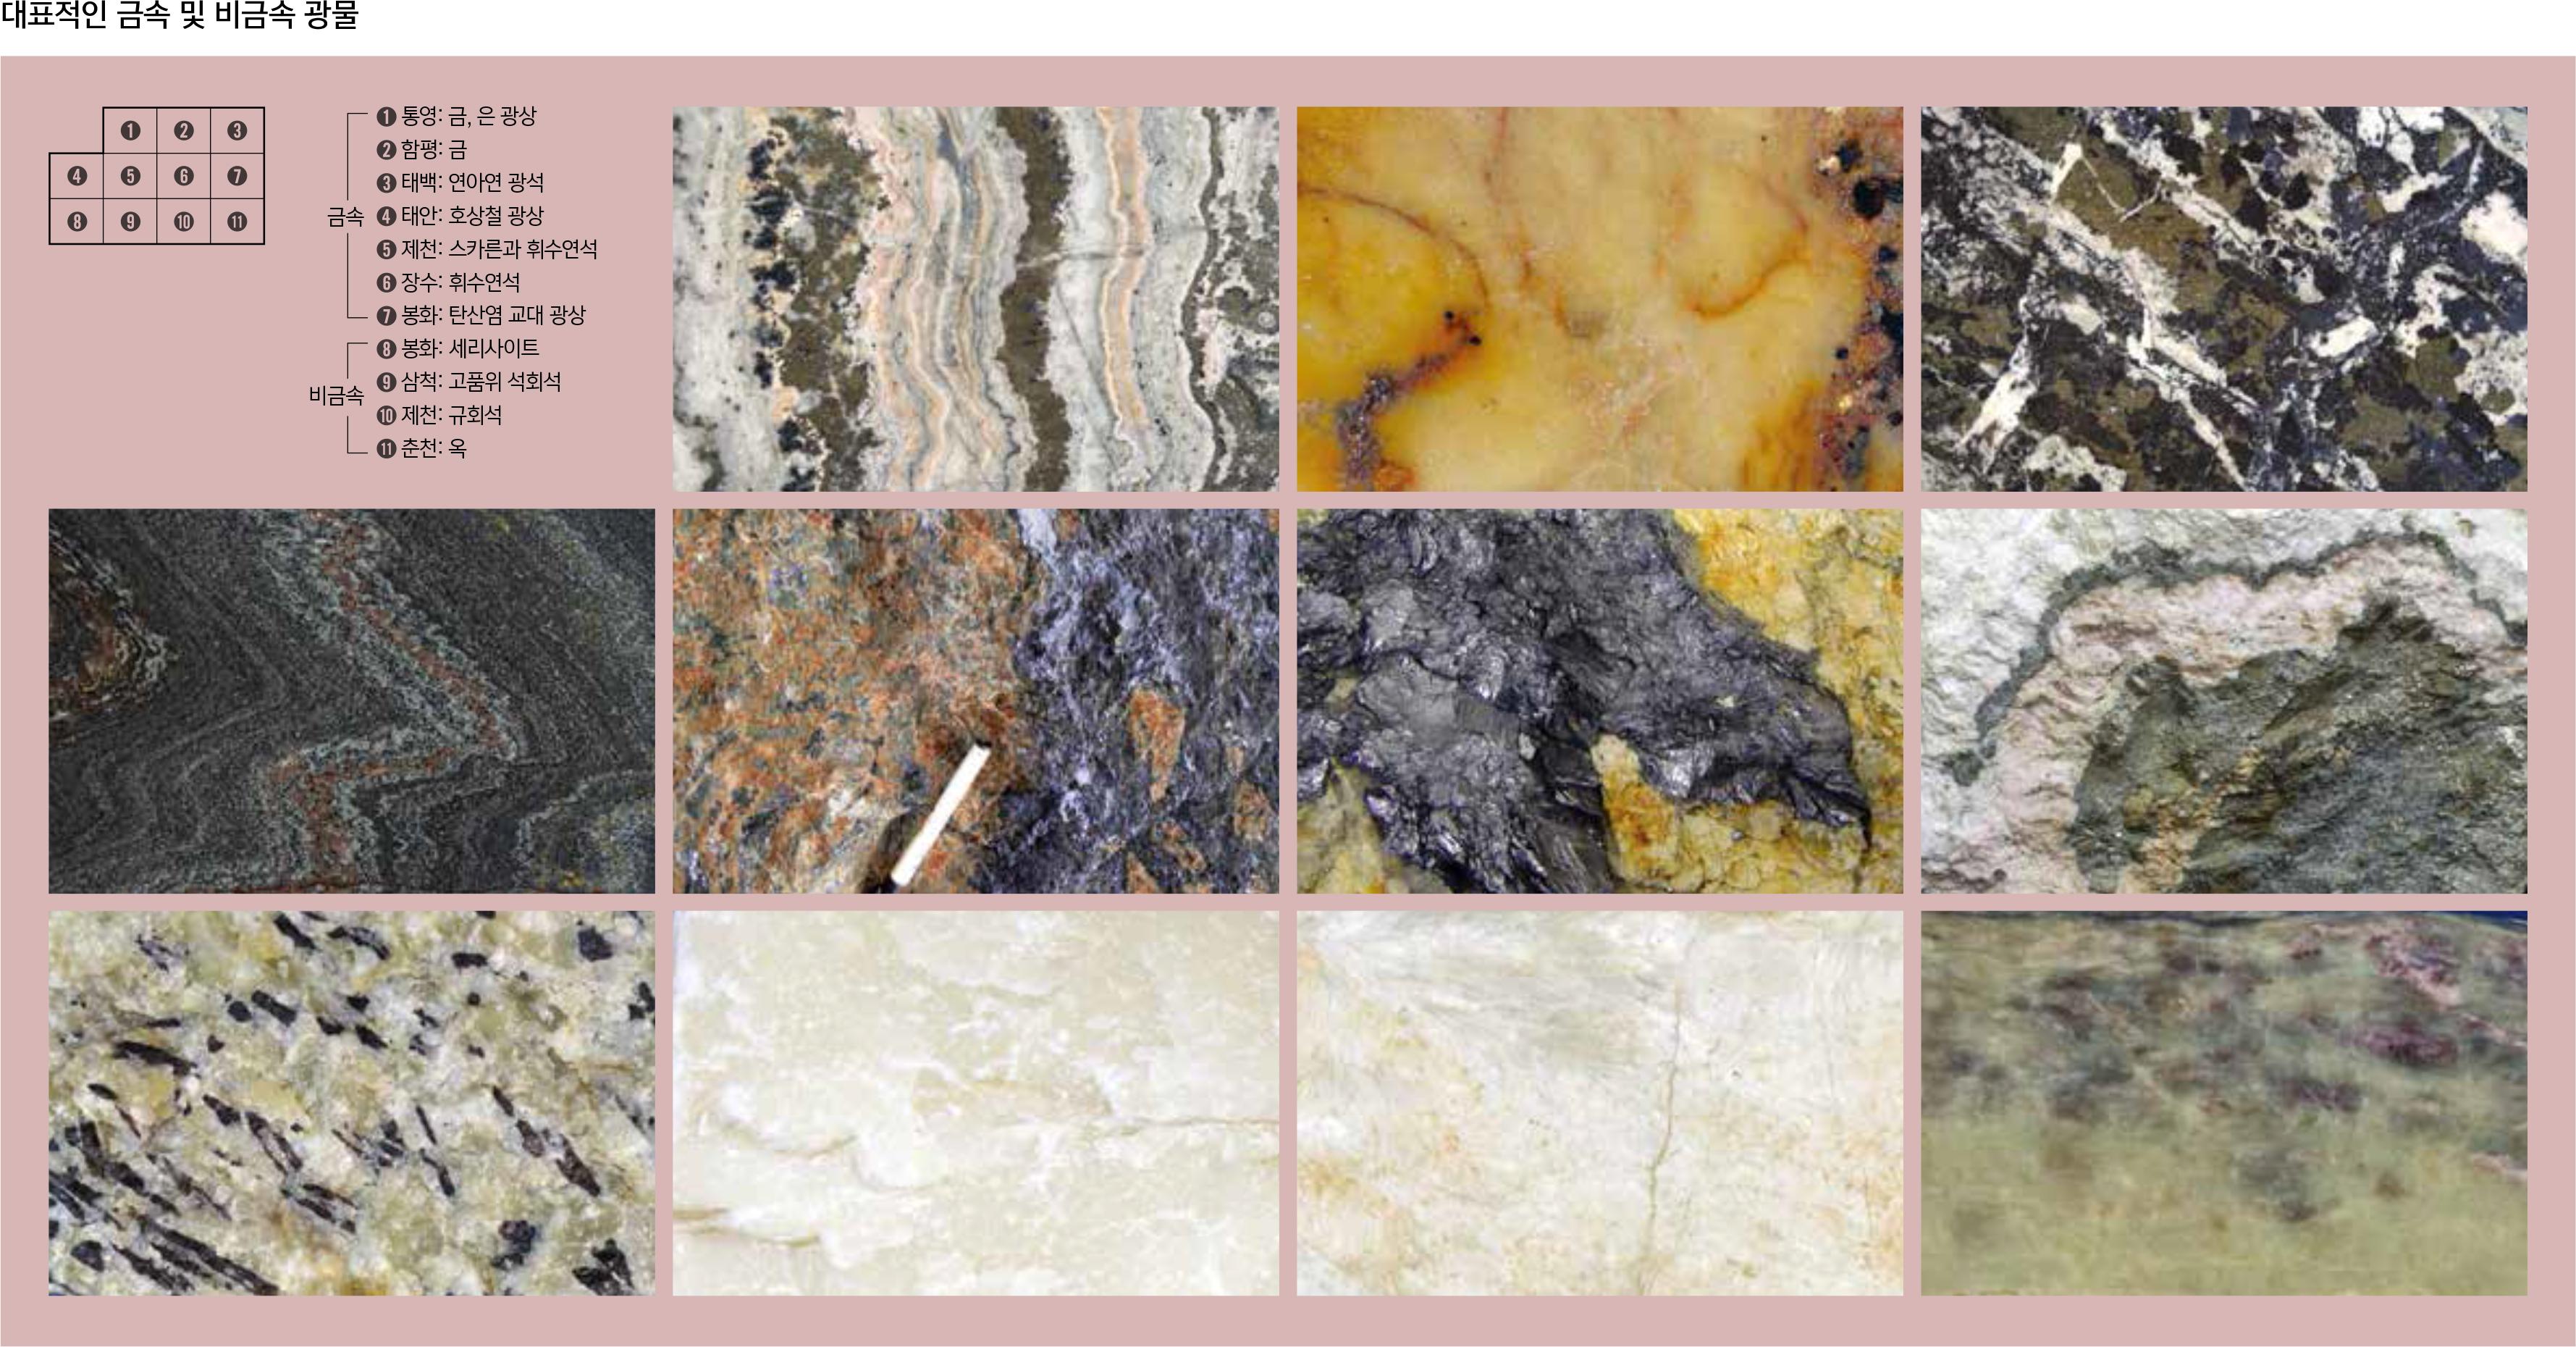 대표적인 금속 및 비금속 광물